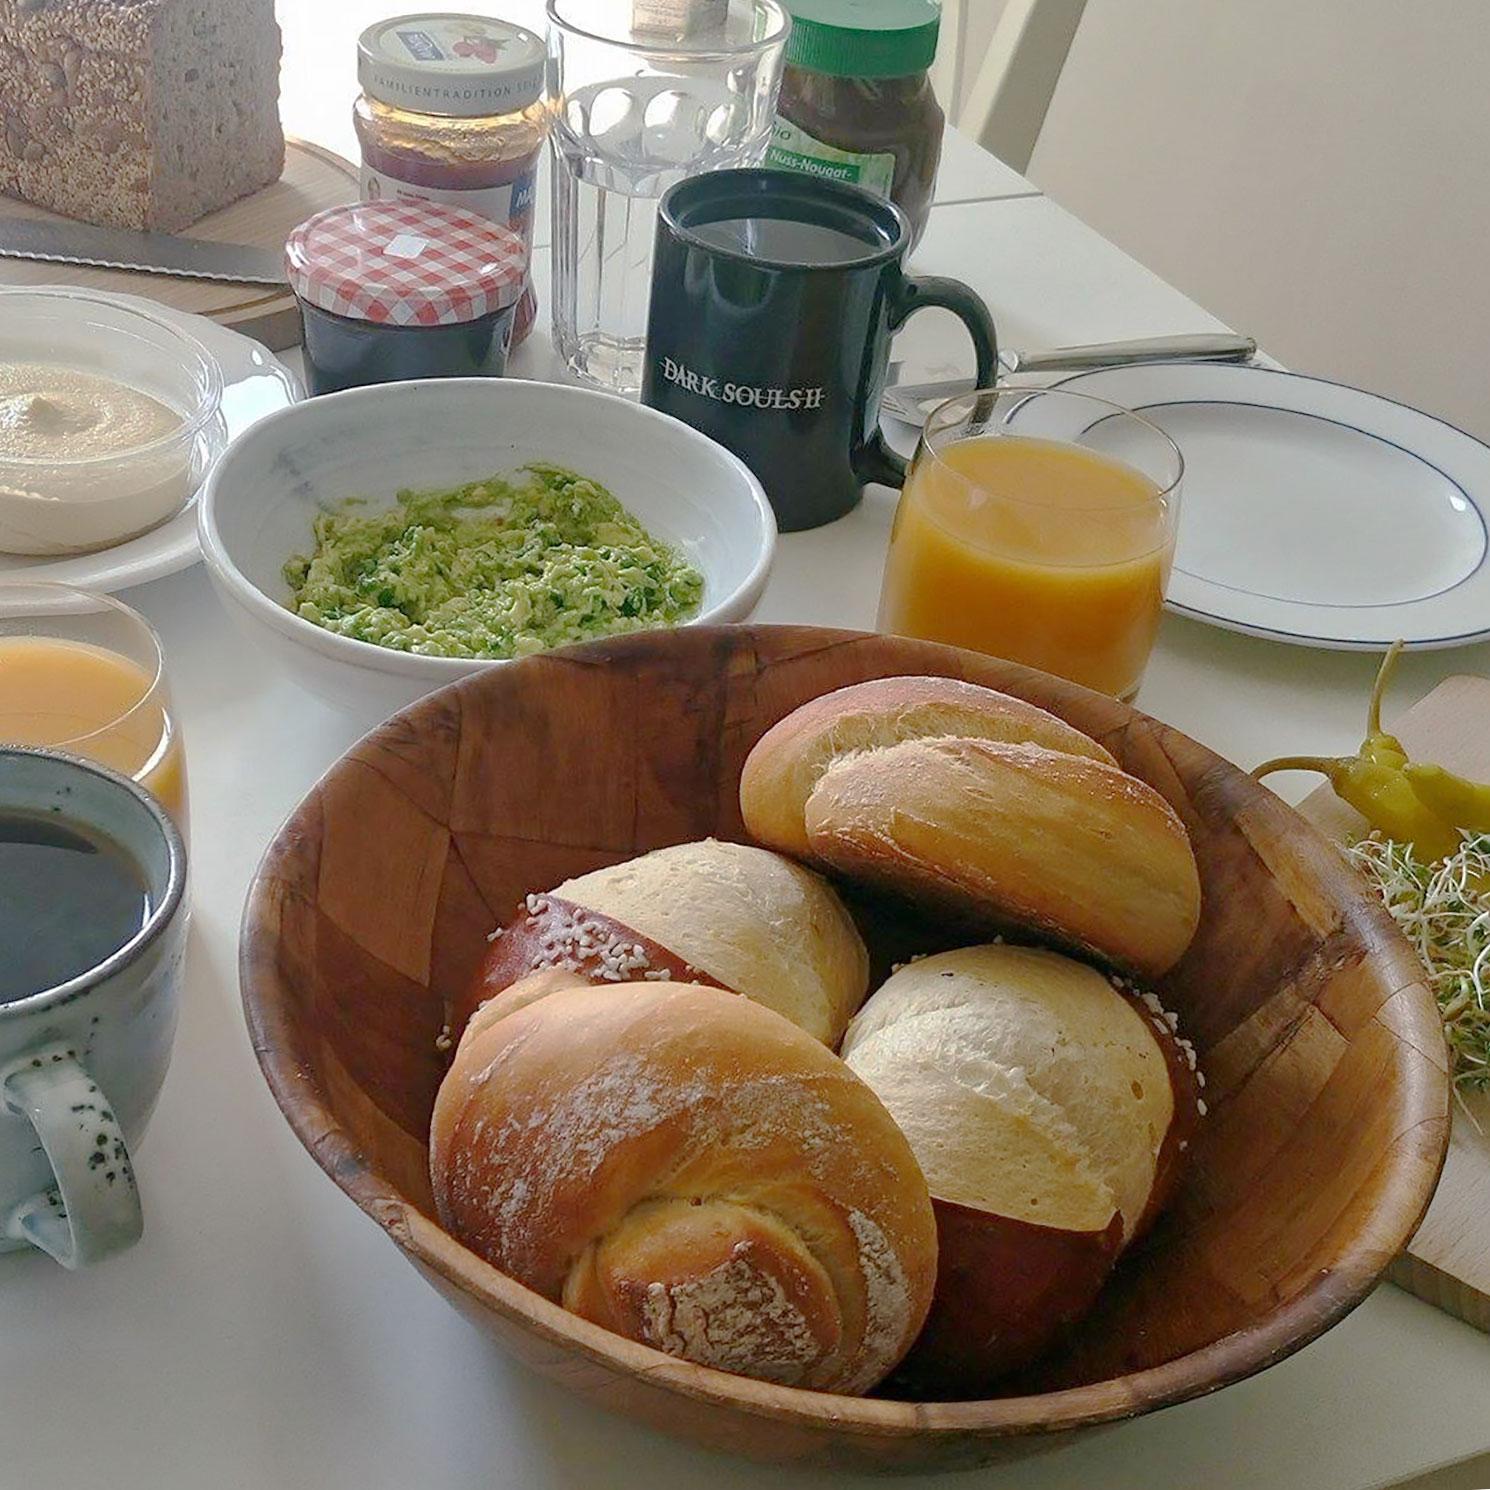 veganes Frühstück mit Brötchen, Hummus und Guacamole